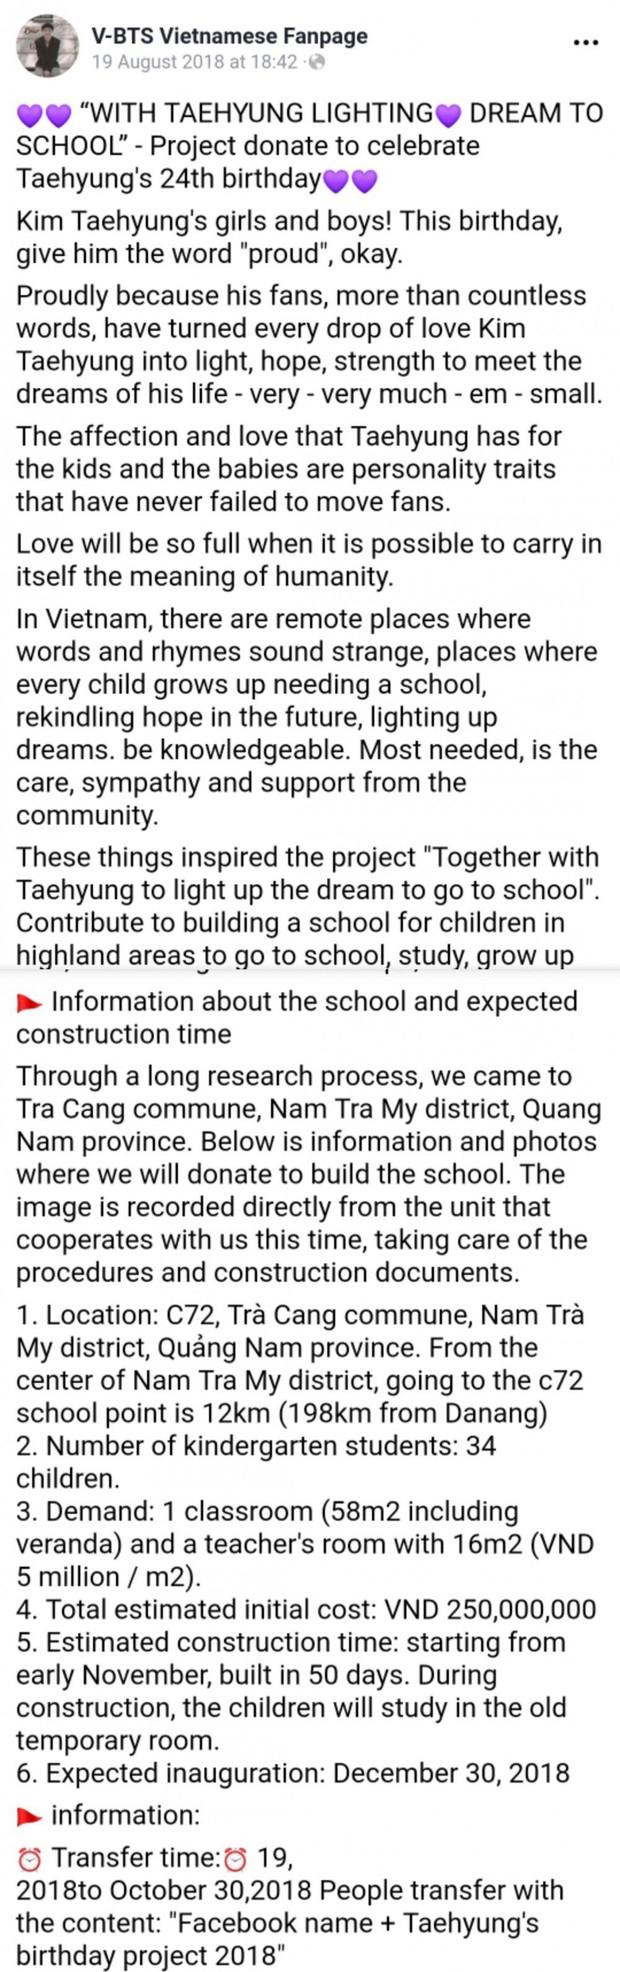 Fan Việt khiến bạn bè quốc tế chú ý khi gây quỹ 230 triệu xây hẳn trường học ở Điện Biên vì idol toàn cầu V (BTS) - Ảnh 2.